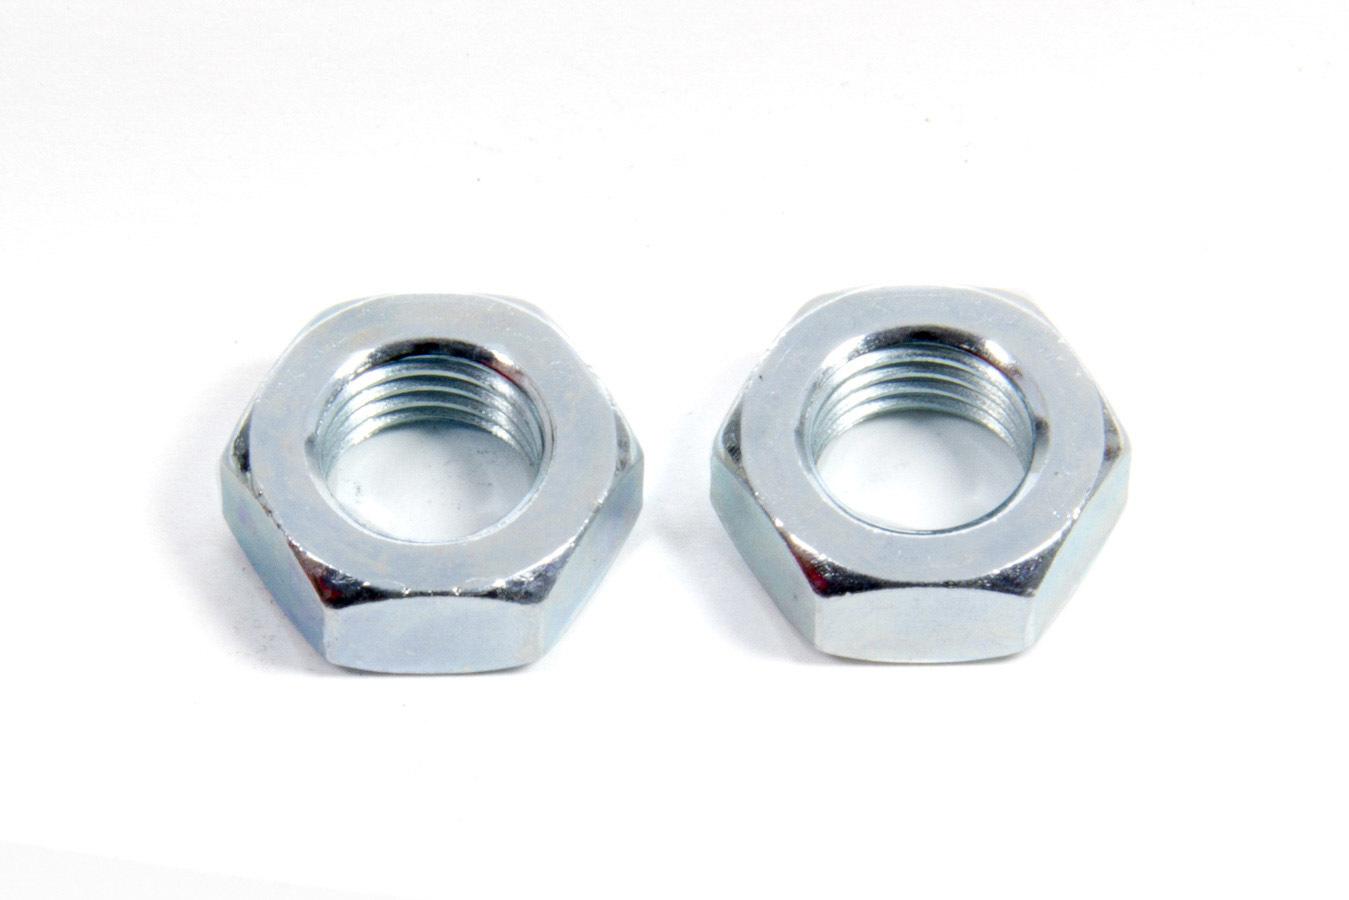 Aeroquip FCM2096 Bulkhead Fitting Nut, 4 AN, Steel, Natural, Pair